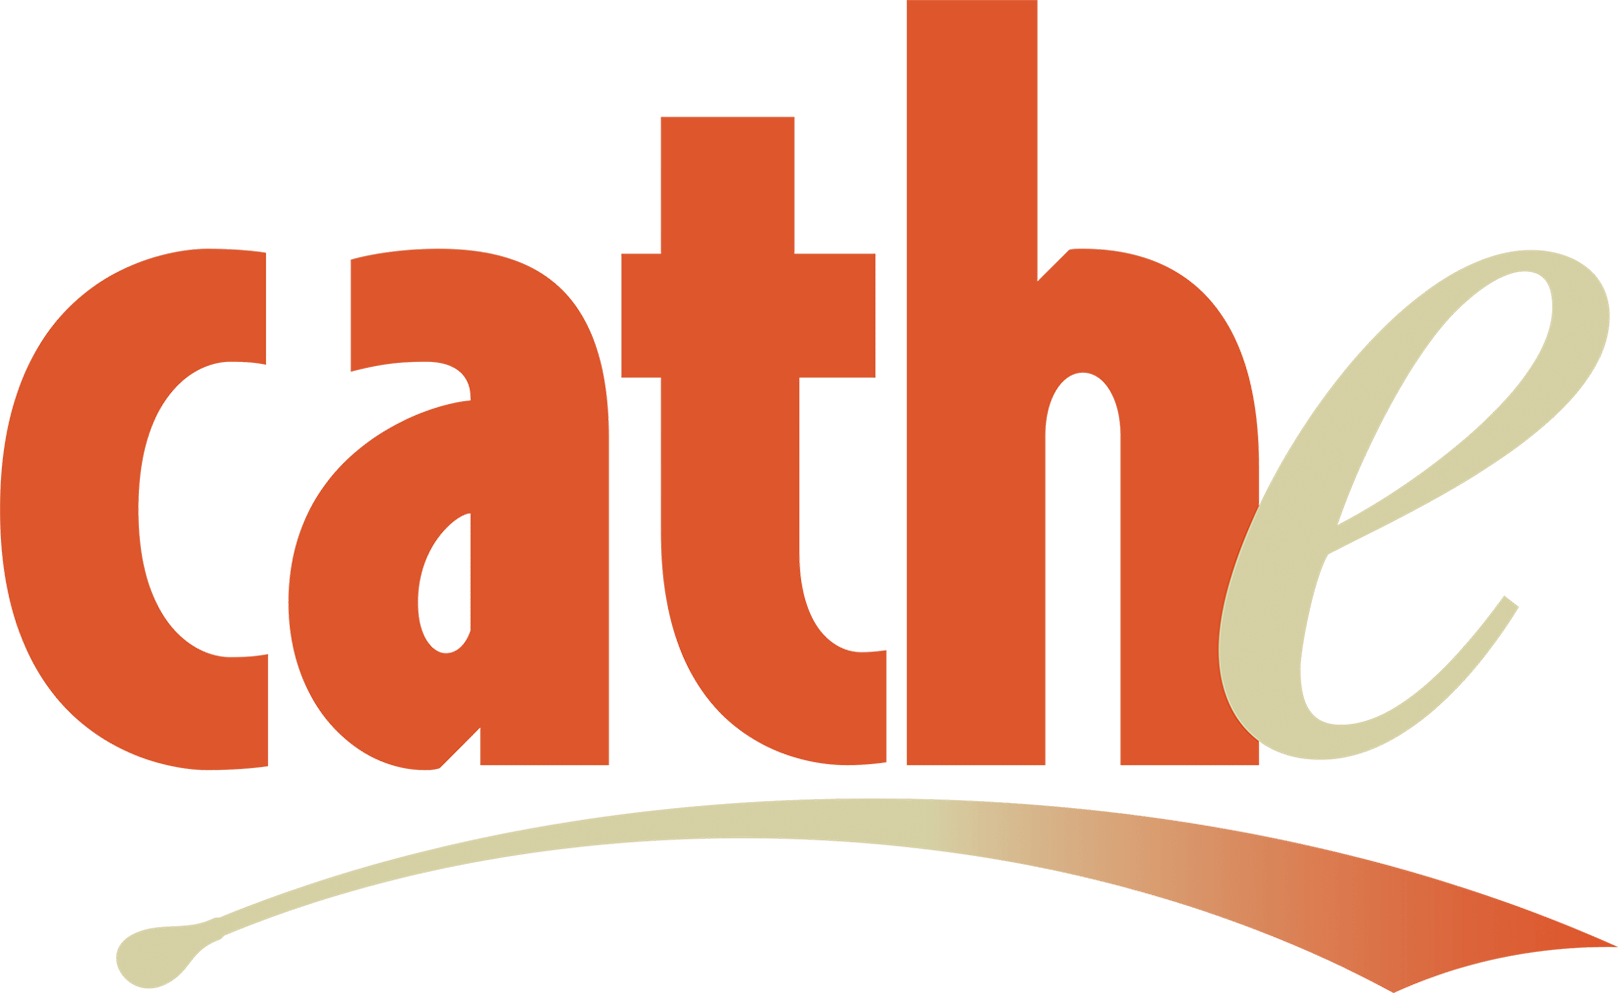 catheLogo(compressed)